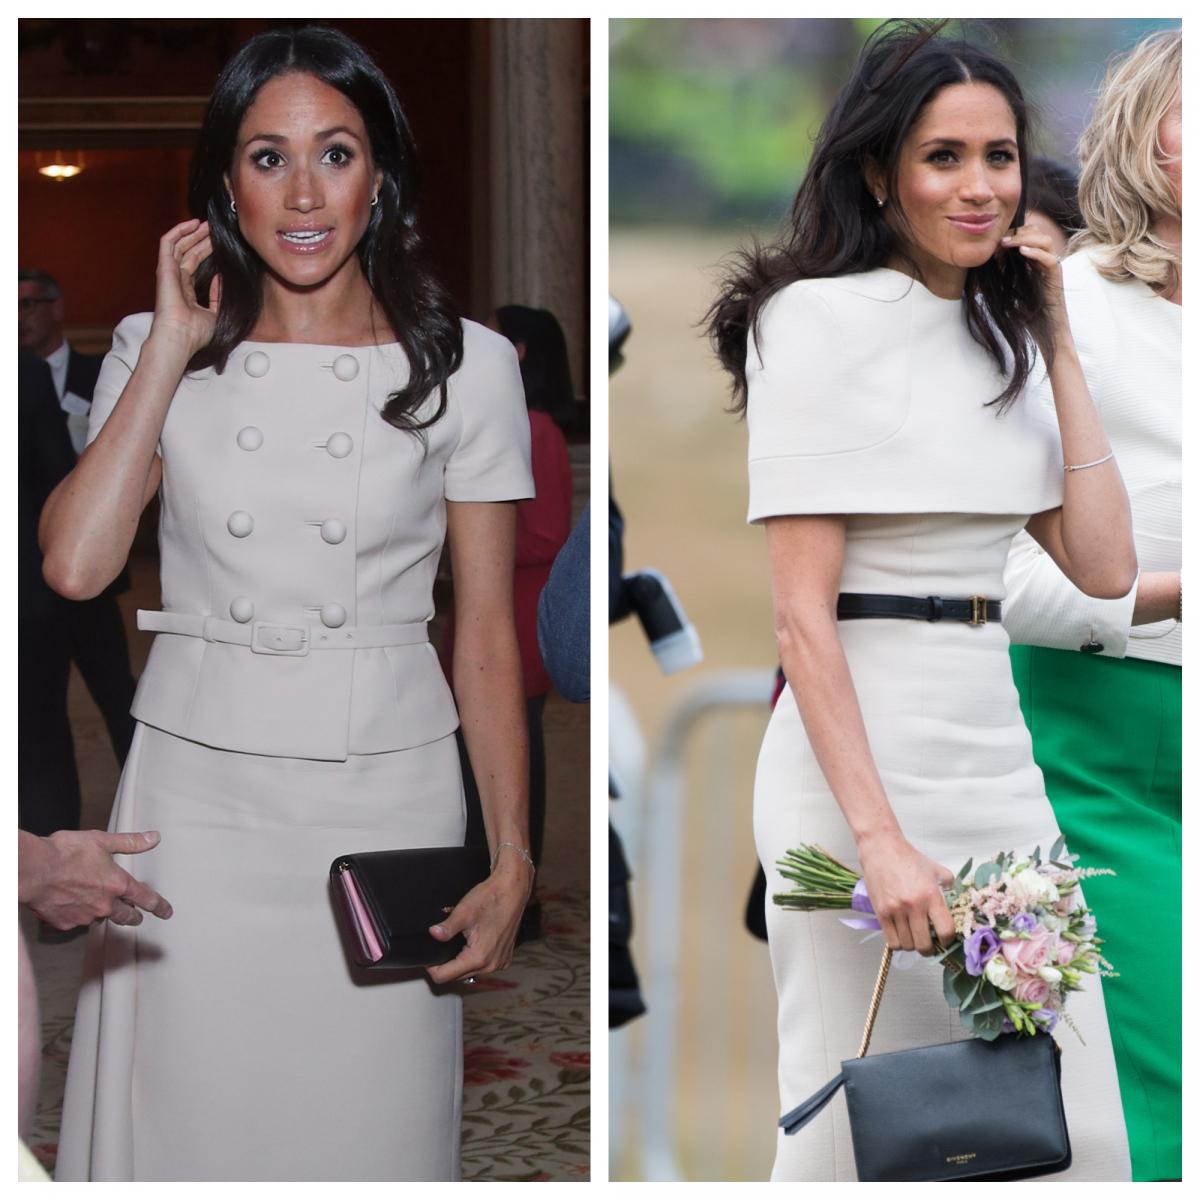 (左)今回の公務でのメーガン妃。(右)6月14日(現地時間)にエリザベス女王との初公務に参加したときのメーガン妃。Photo:Getty Images